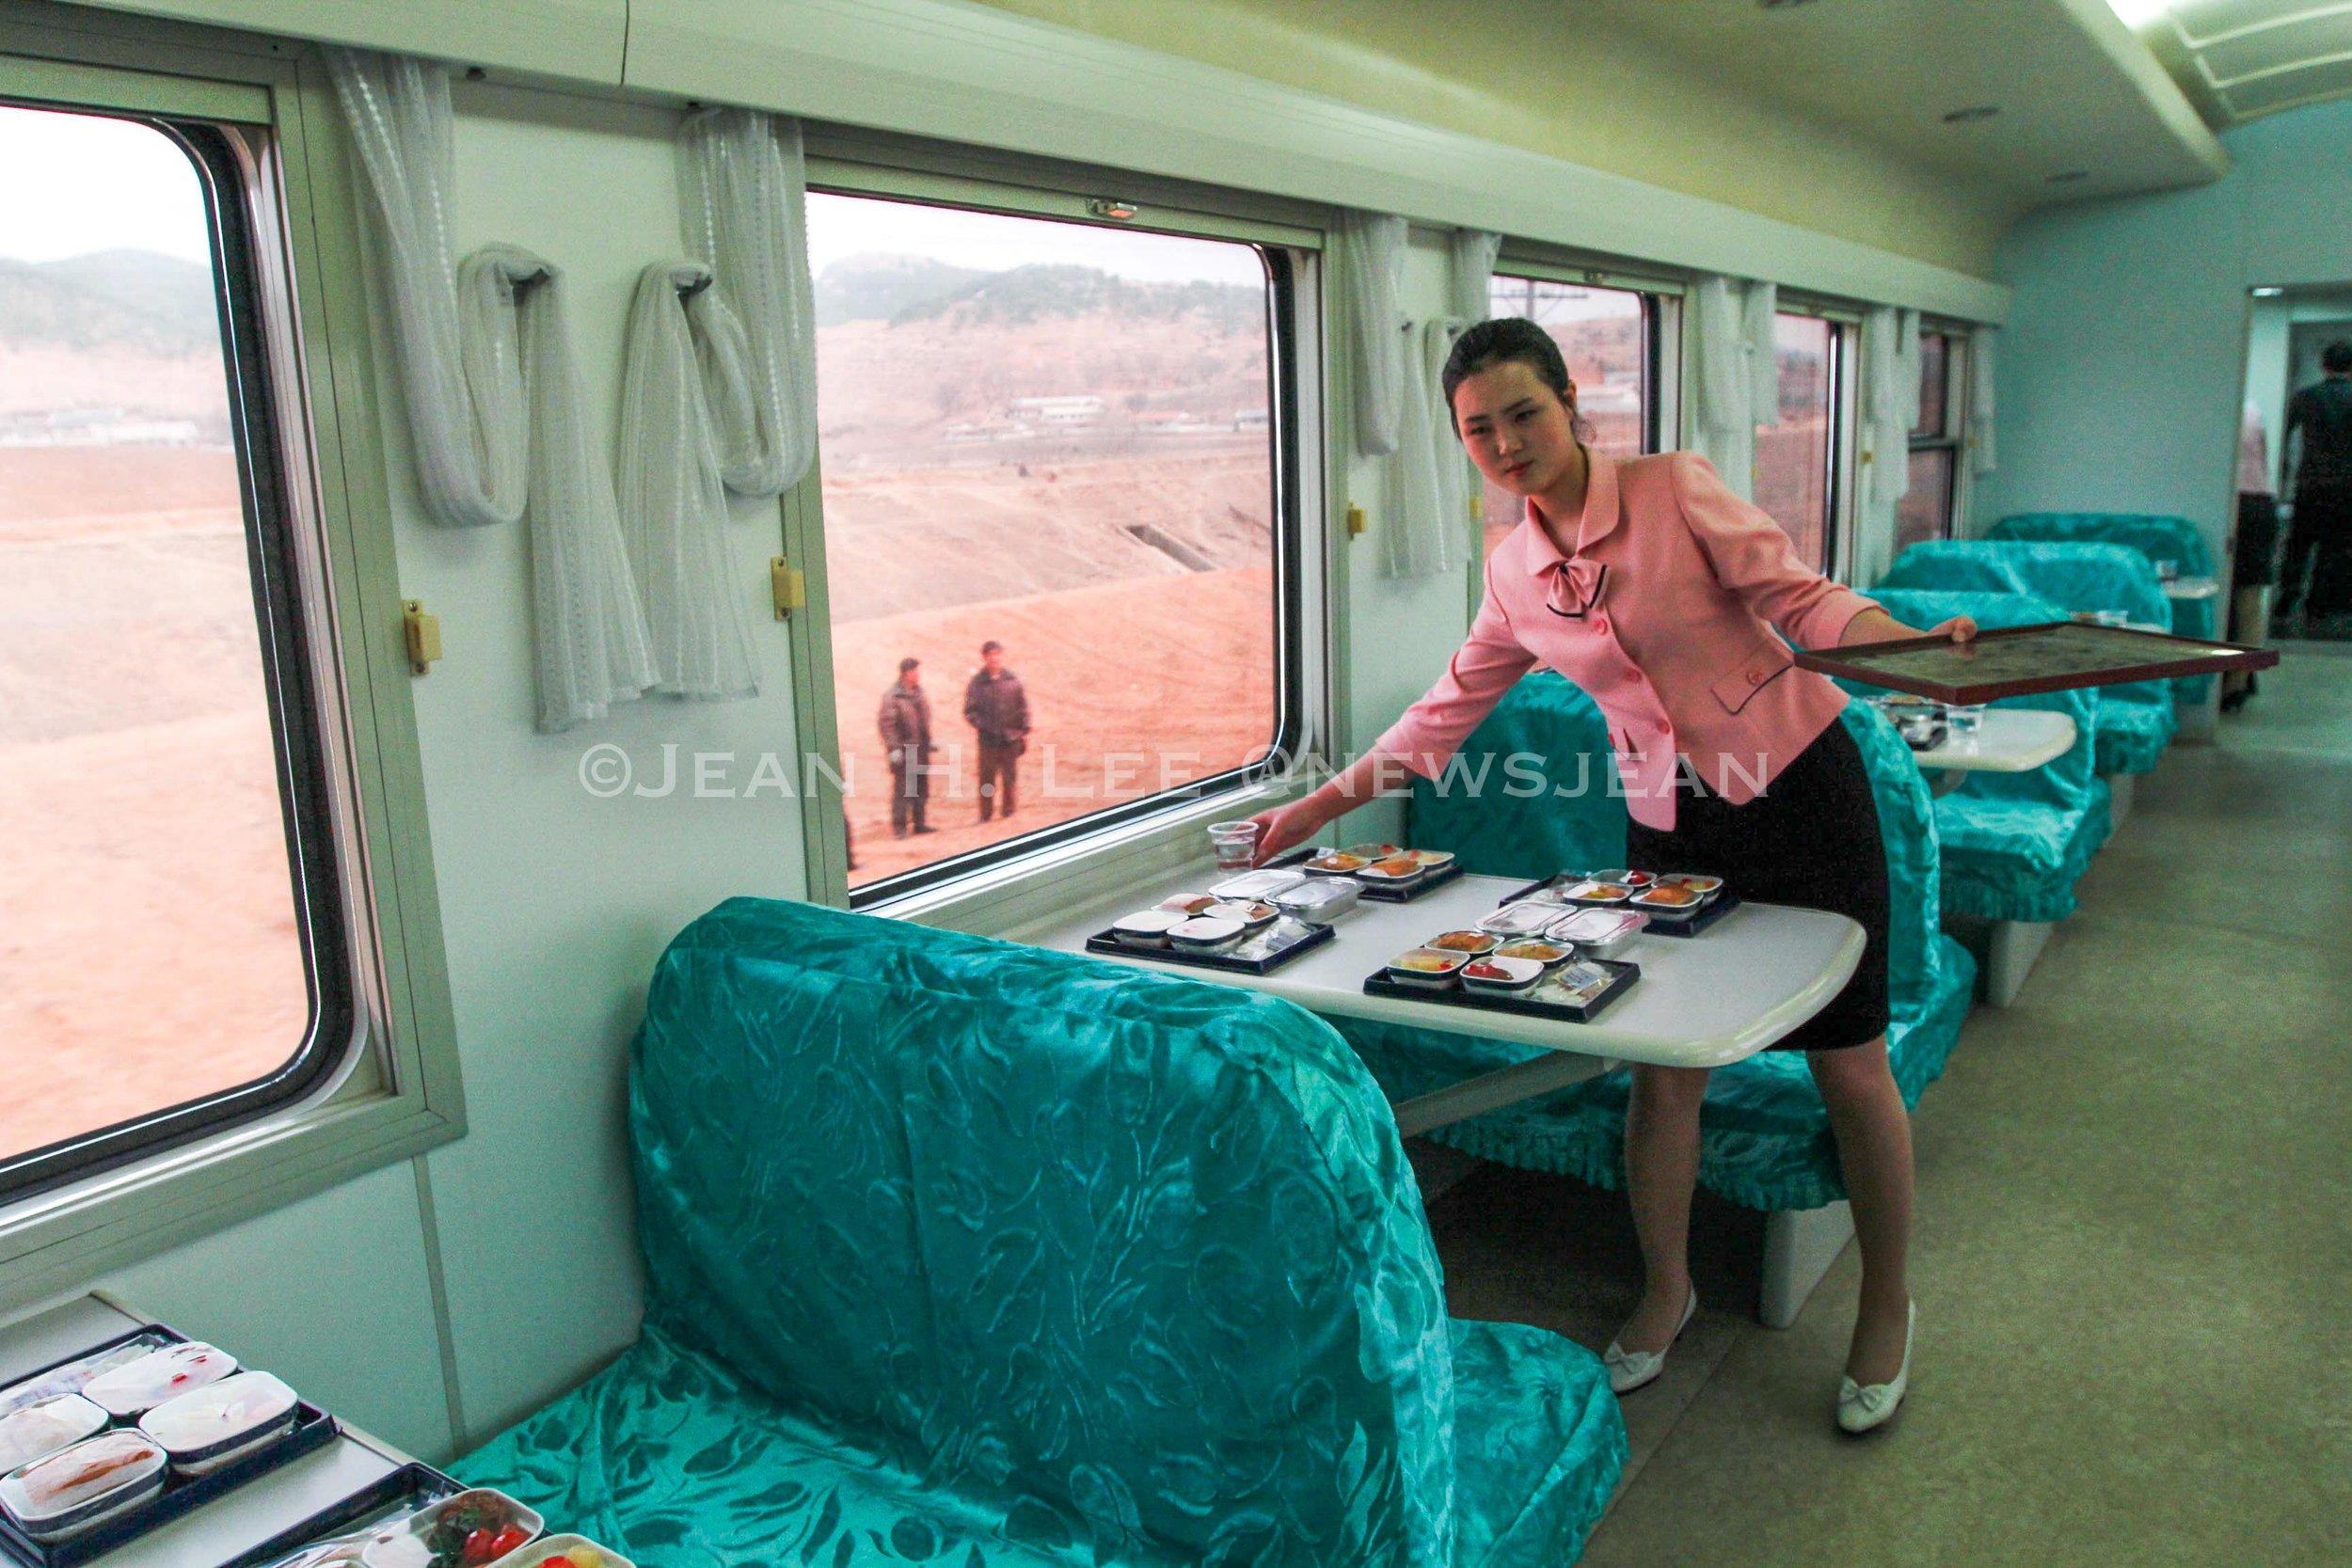 Jean Lee NKorea-Train.jpg